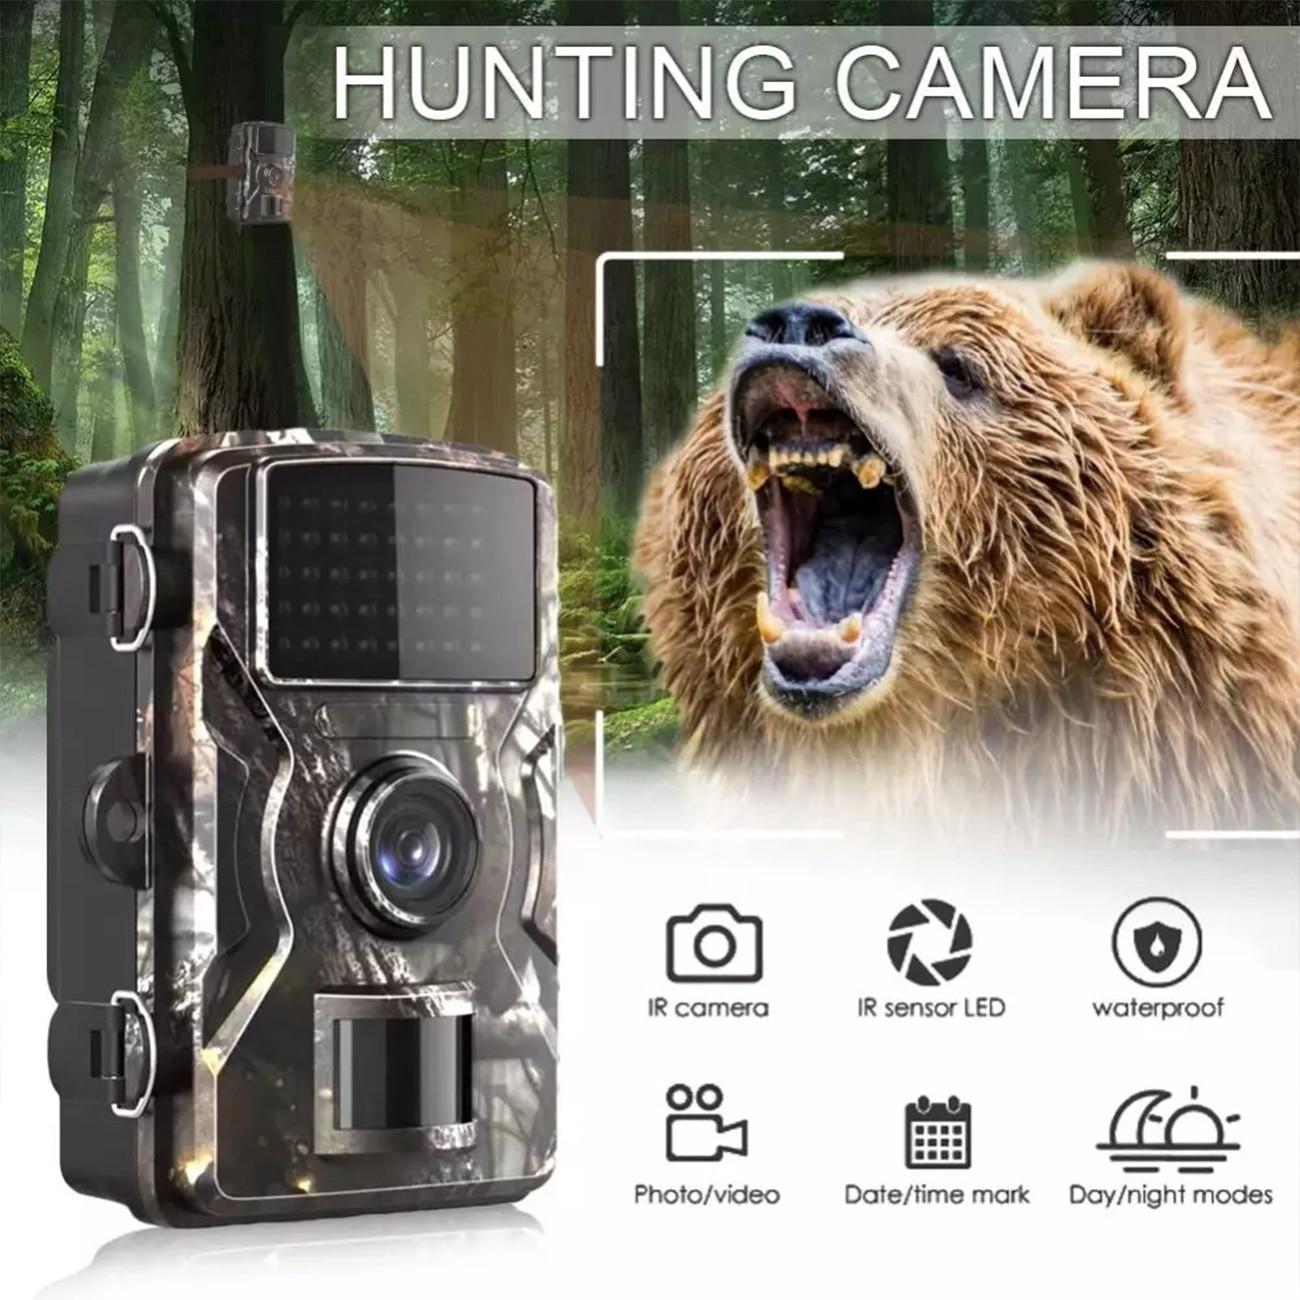 Водонепроницаемая ИК-камера для наблюдения за дикой природой, 12 МП, 1080P